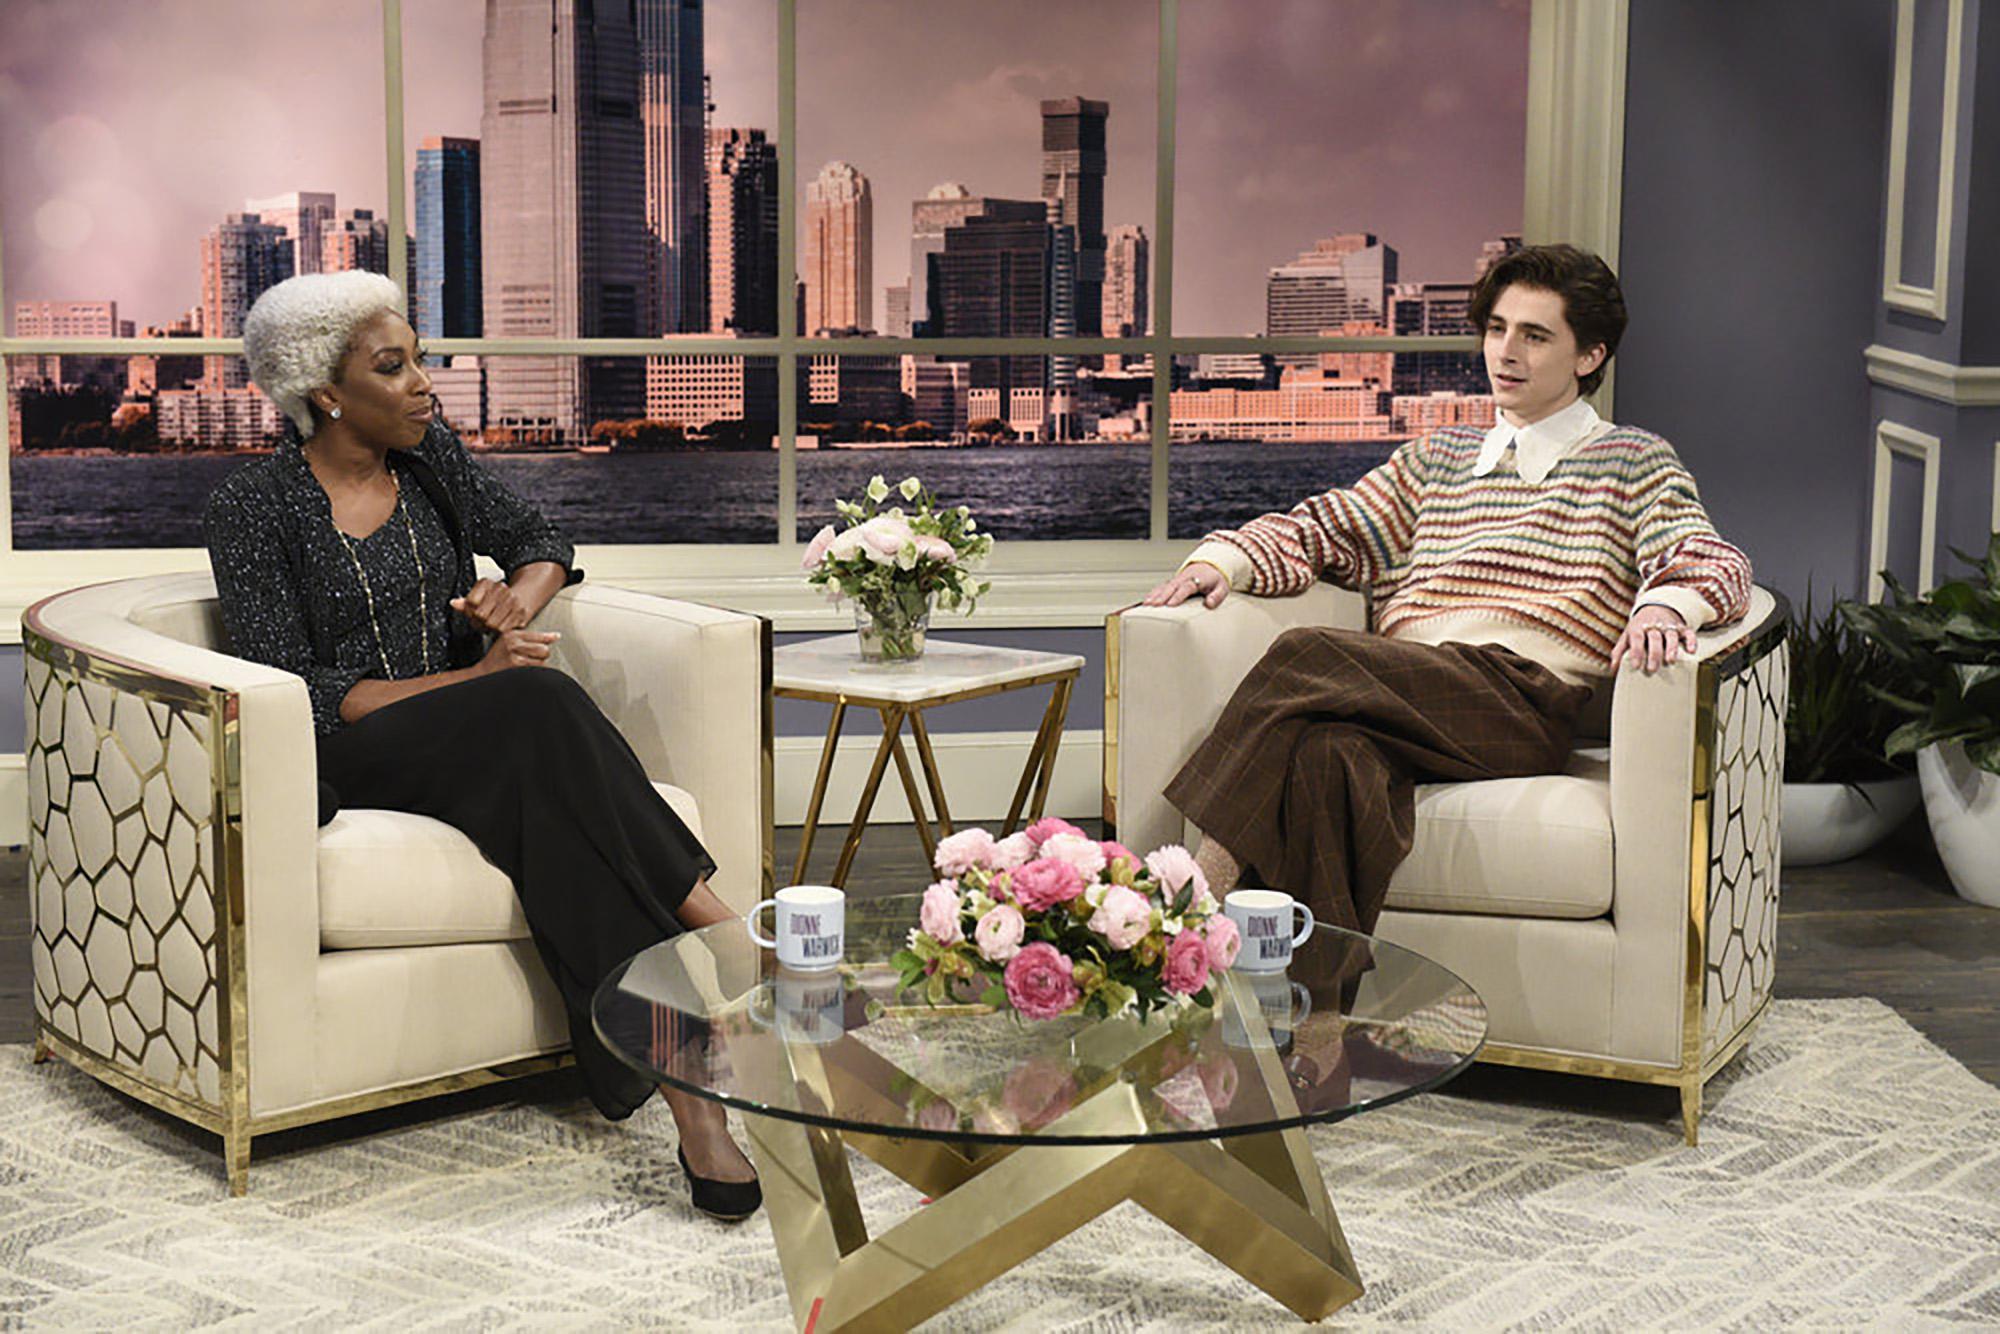 Timothee Chalamet on SNL